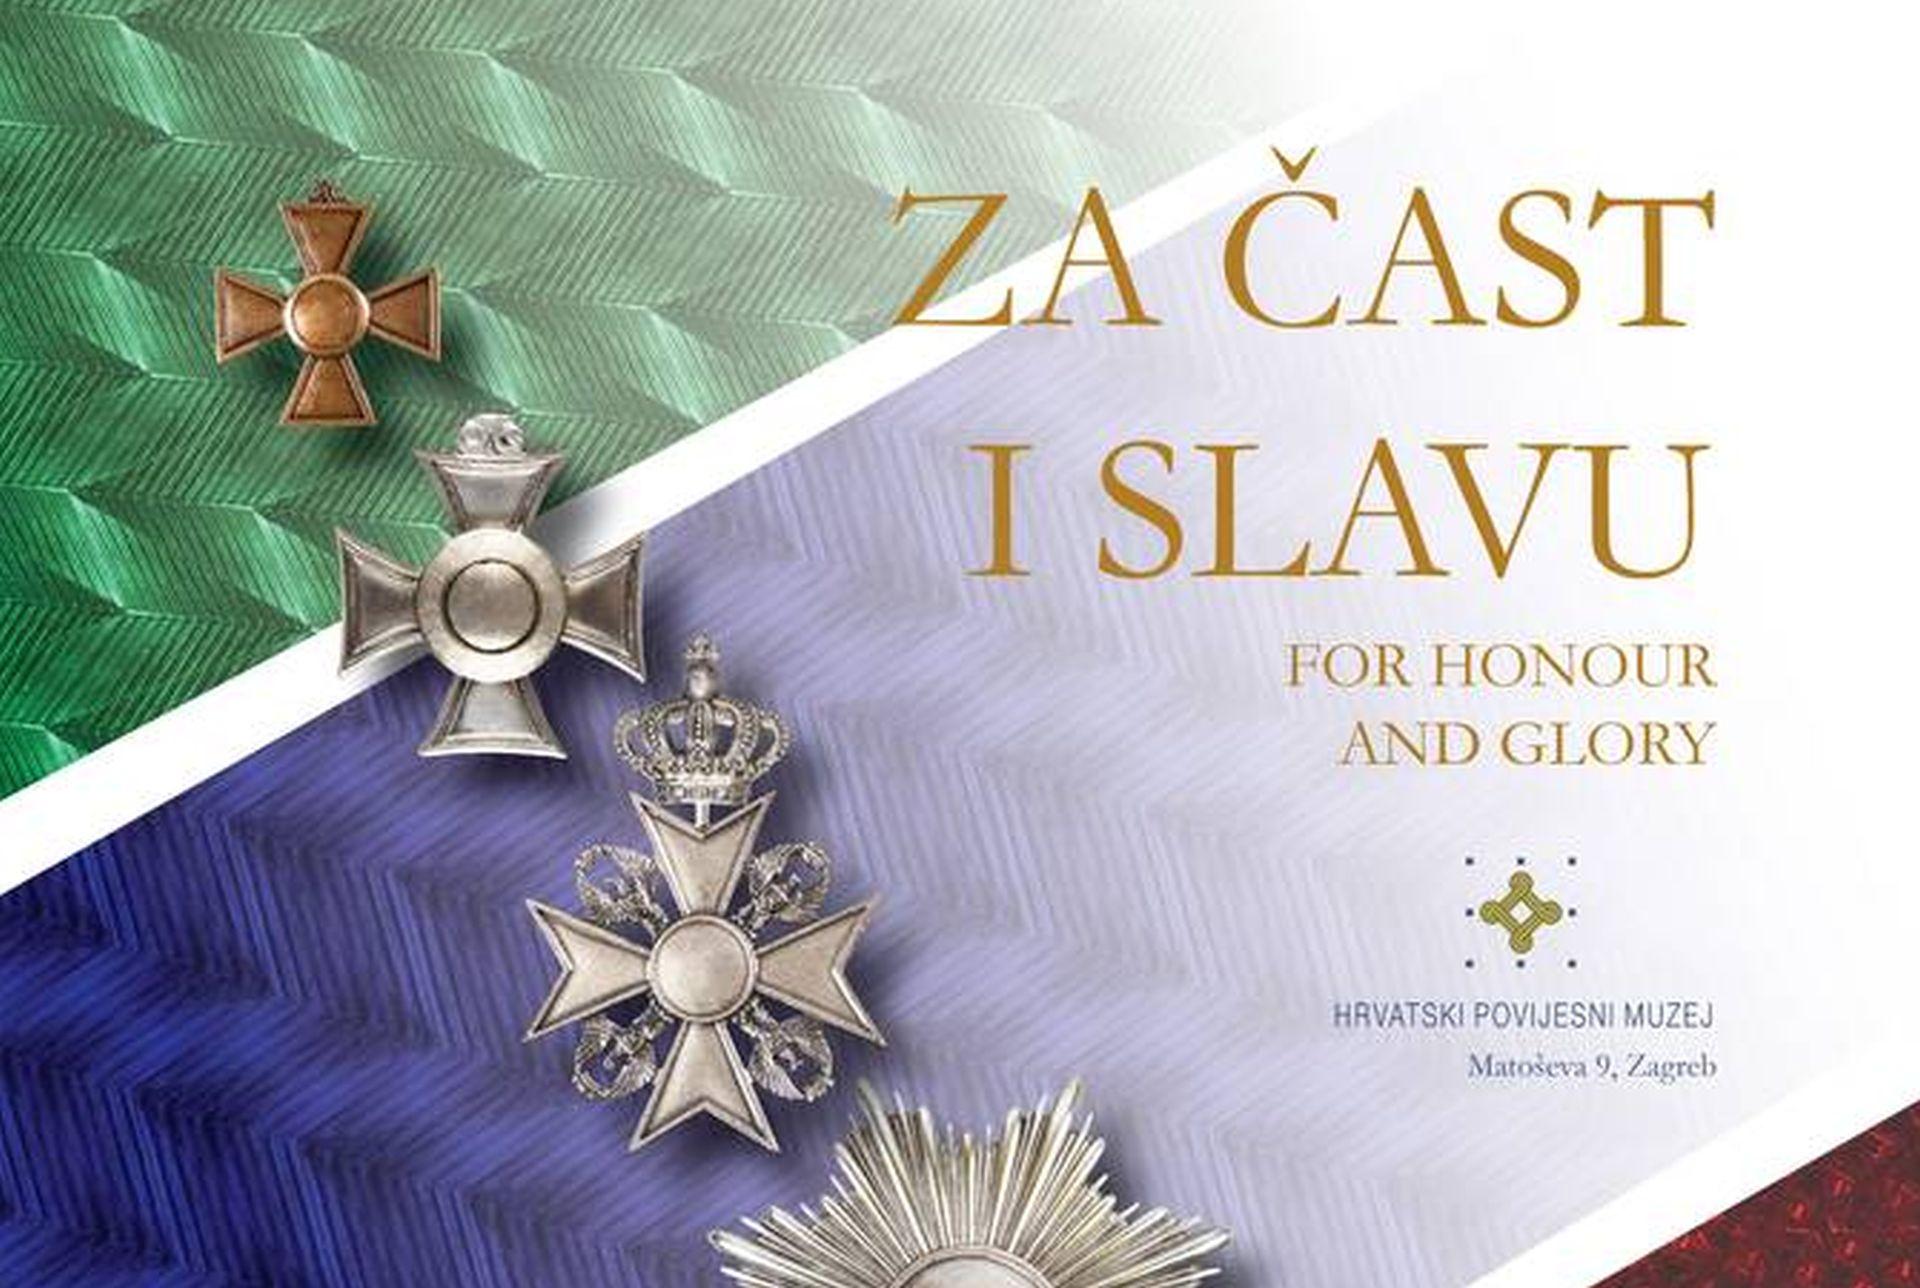 """""""Za čast i slavu"""": izložba odlikovanja u Hrvatskom povijesnom muzeju"""